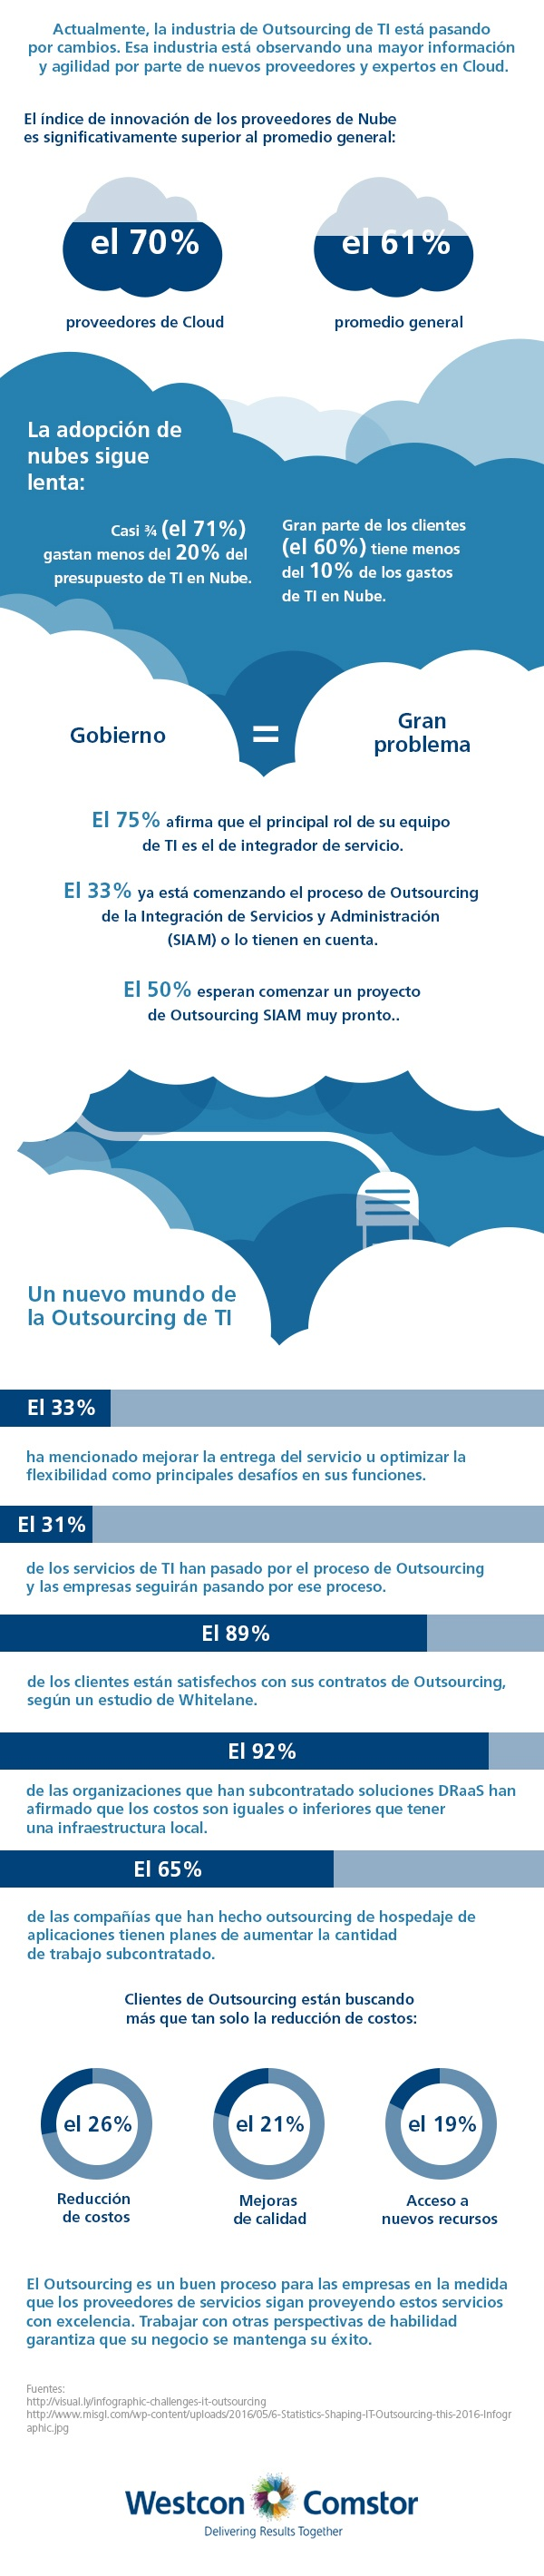 170522_Infográfico-Desafios-do-Outsourcing-de-TI-semheader.jpg